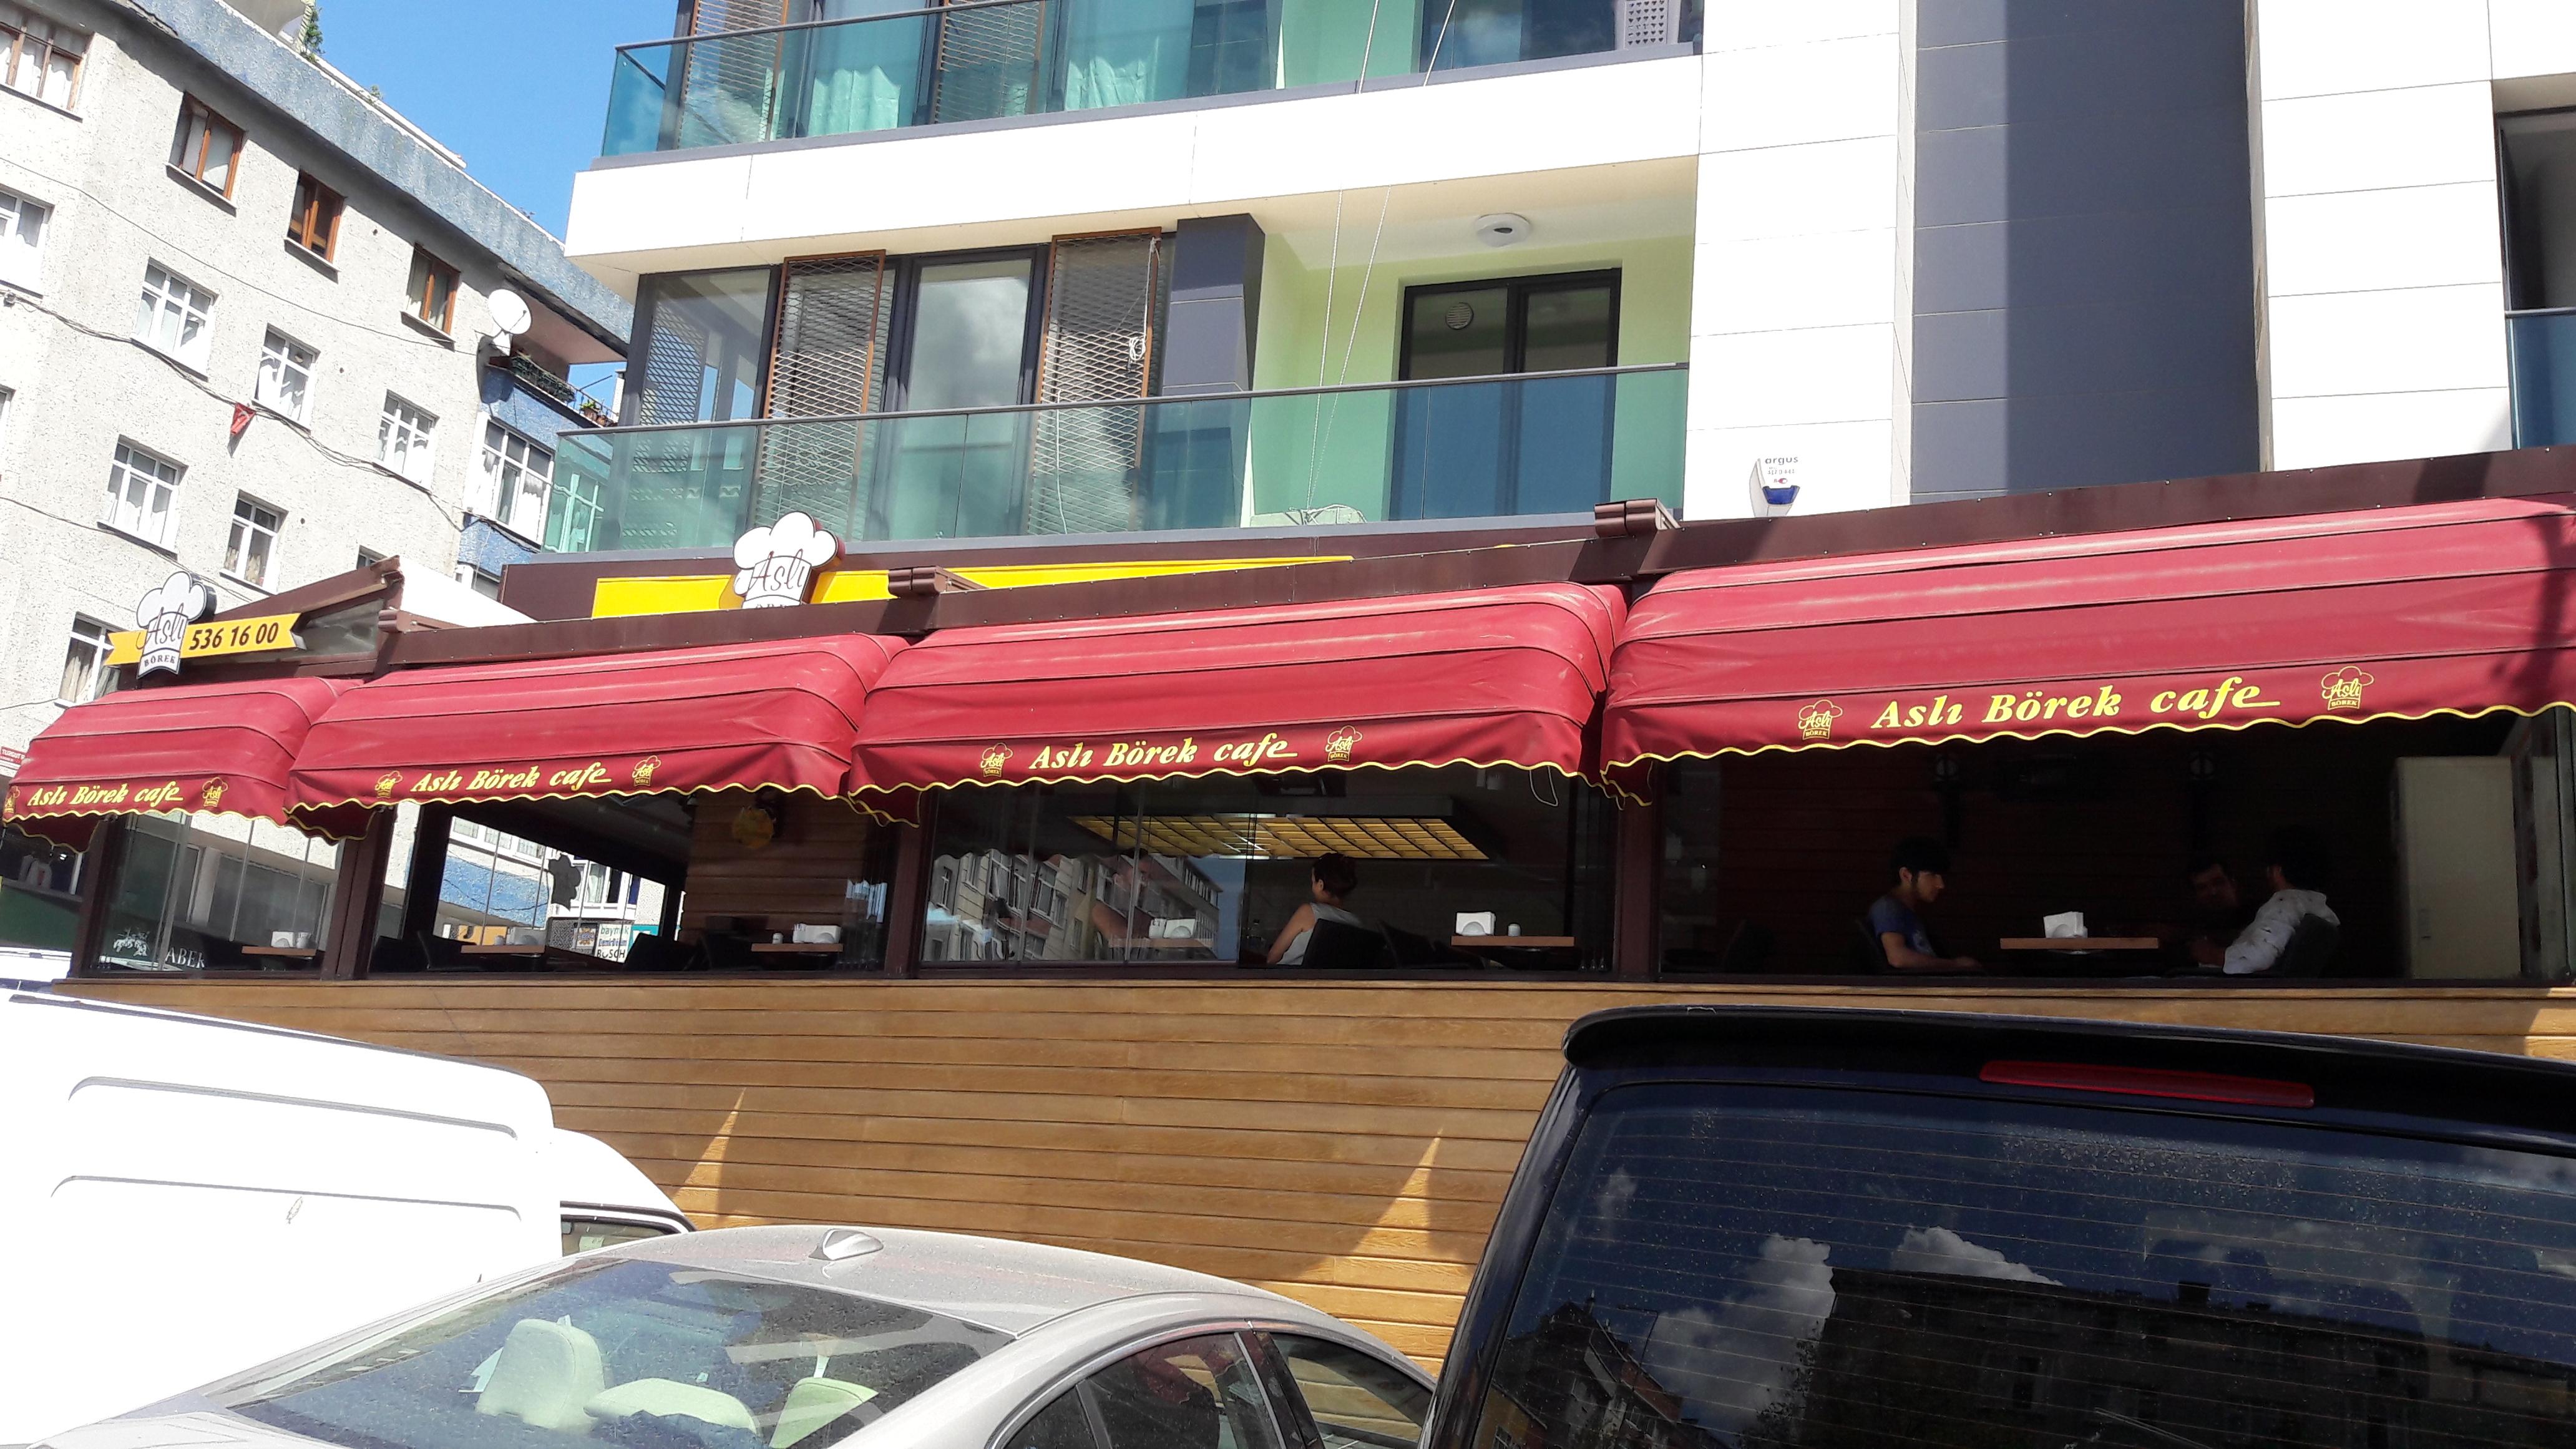 Taksim Brandacı | Tente Çadır İmalatı Kaliteli ve Uygun Fiyat – Ekvator Branda